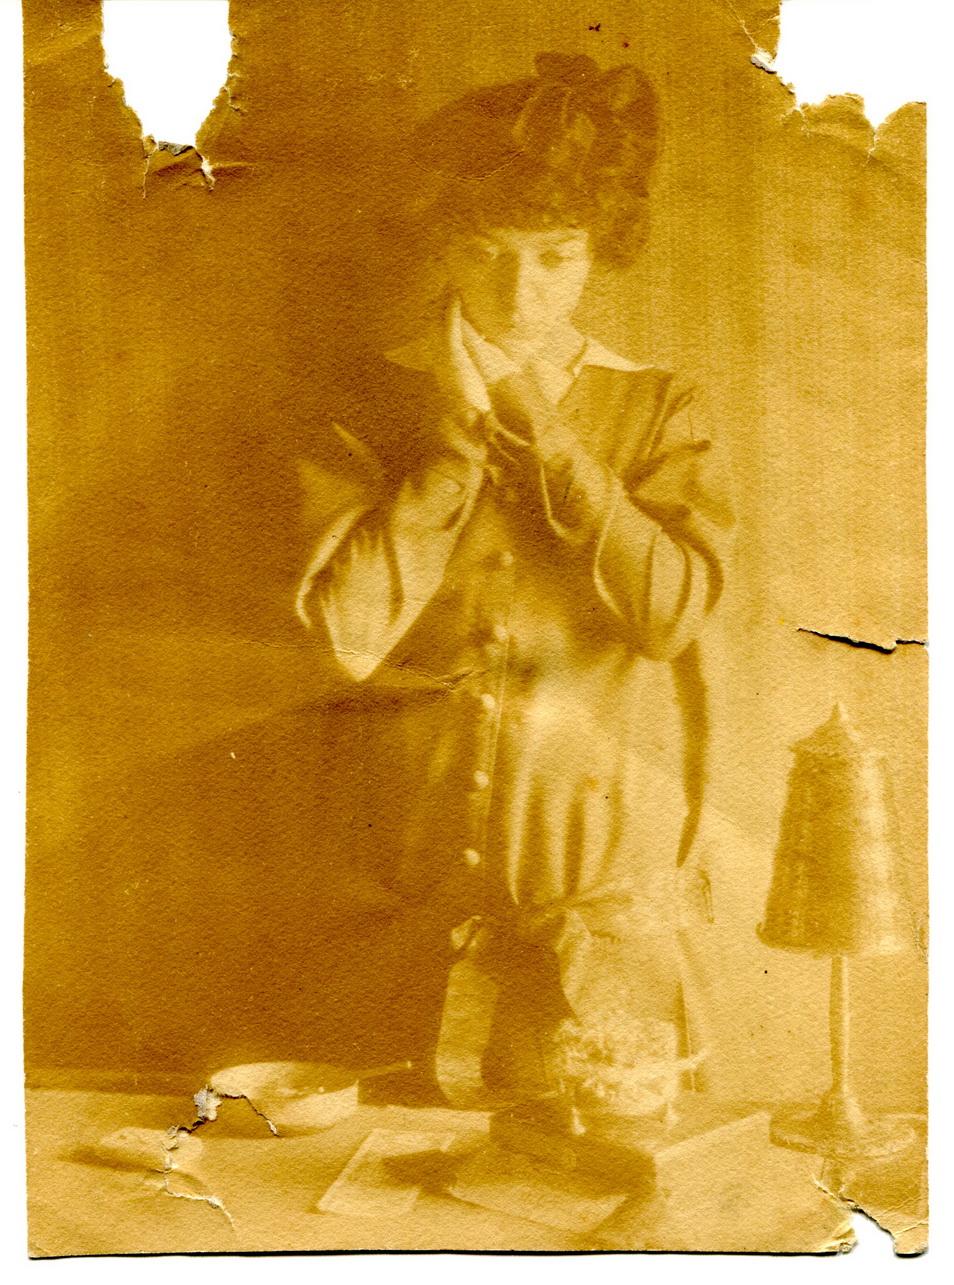 Fotos Tamary Duvan, który Józef Sulimowicz otrzymał od Borysa Kokenaja. Nie wiadomo, z jakiego filmu czy spektaklu pochodzi.